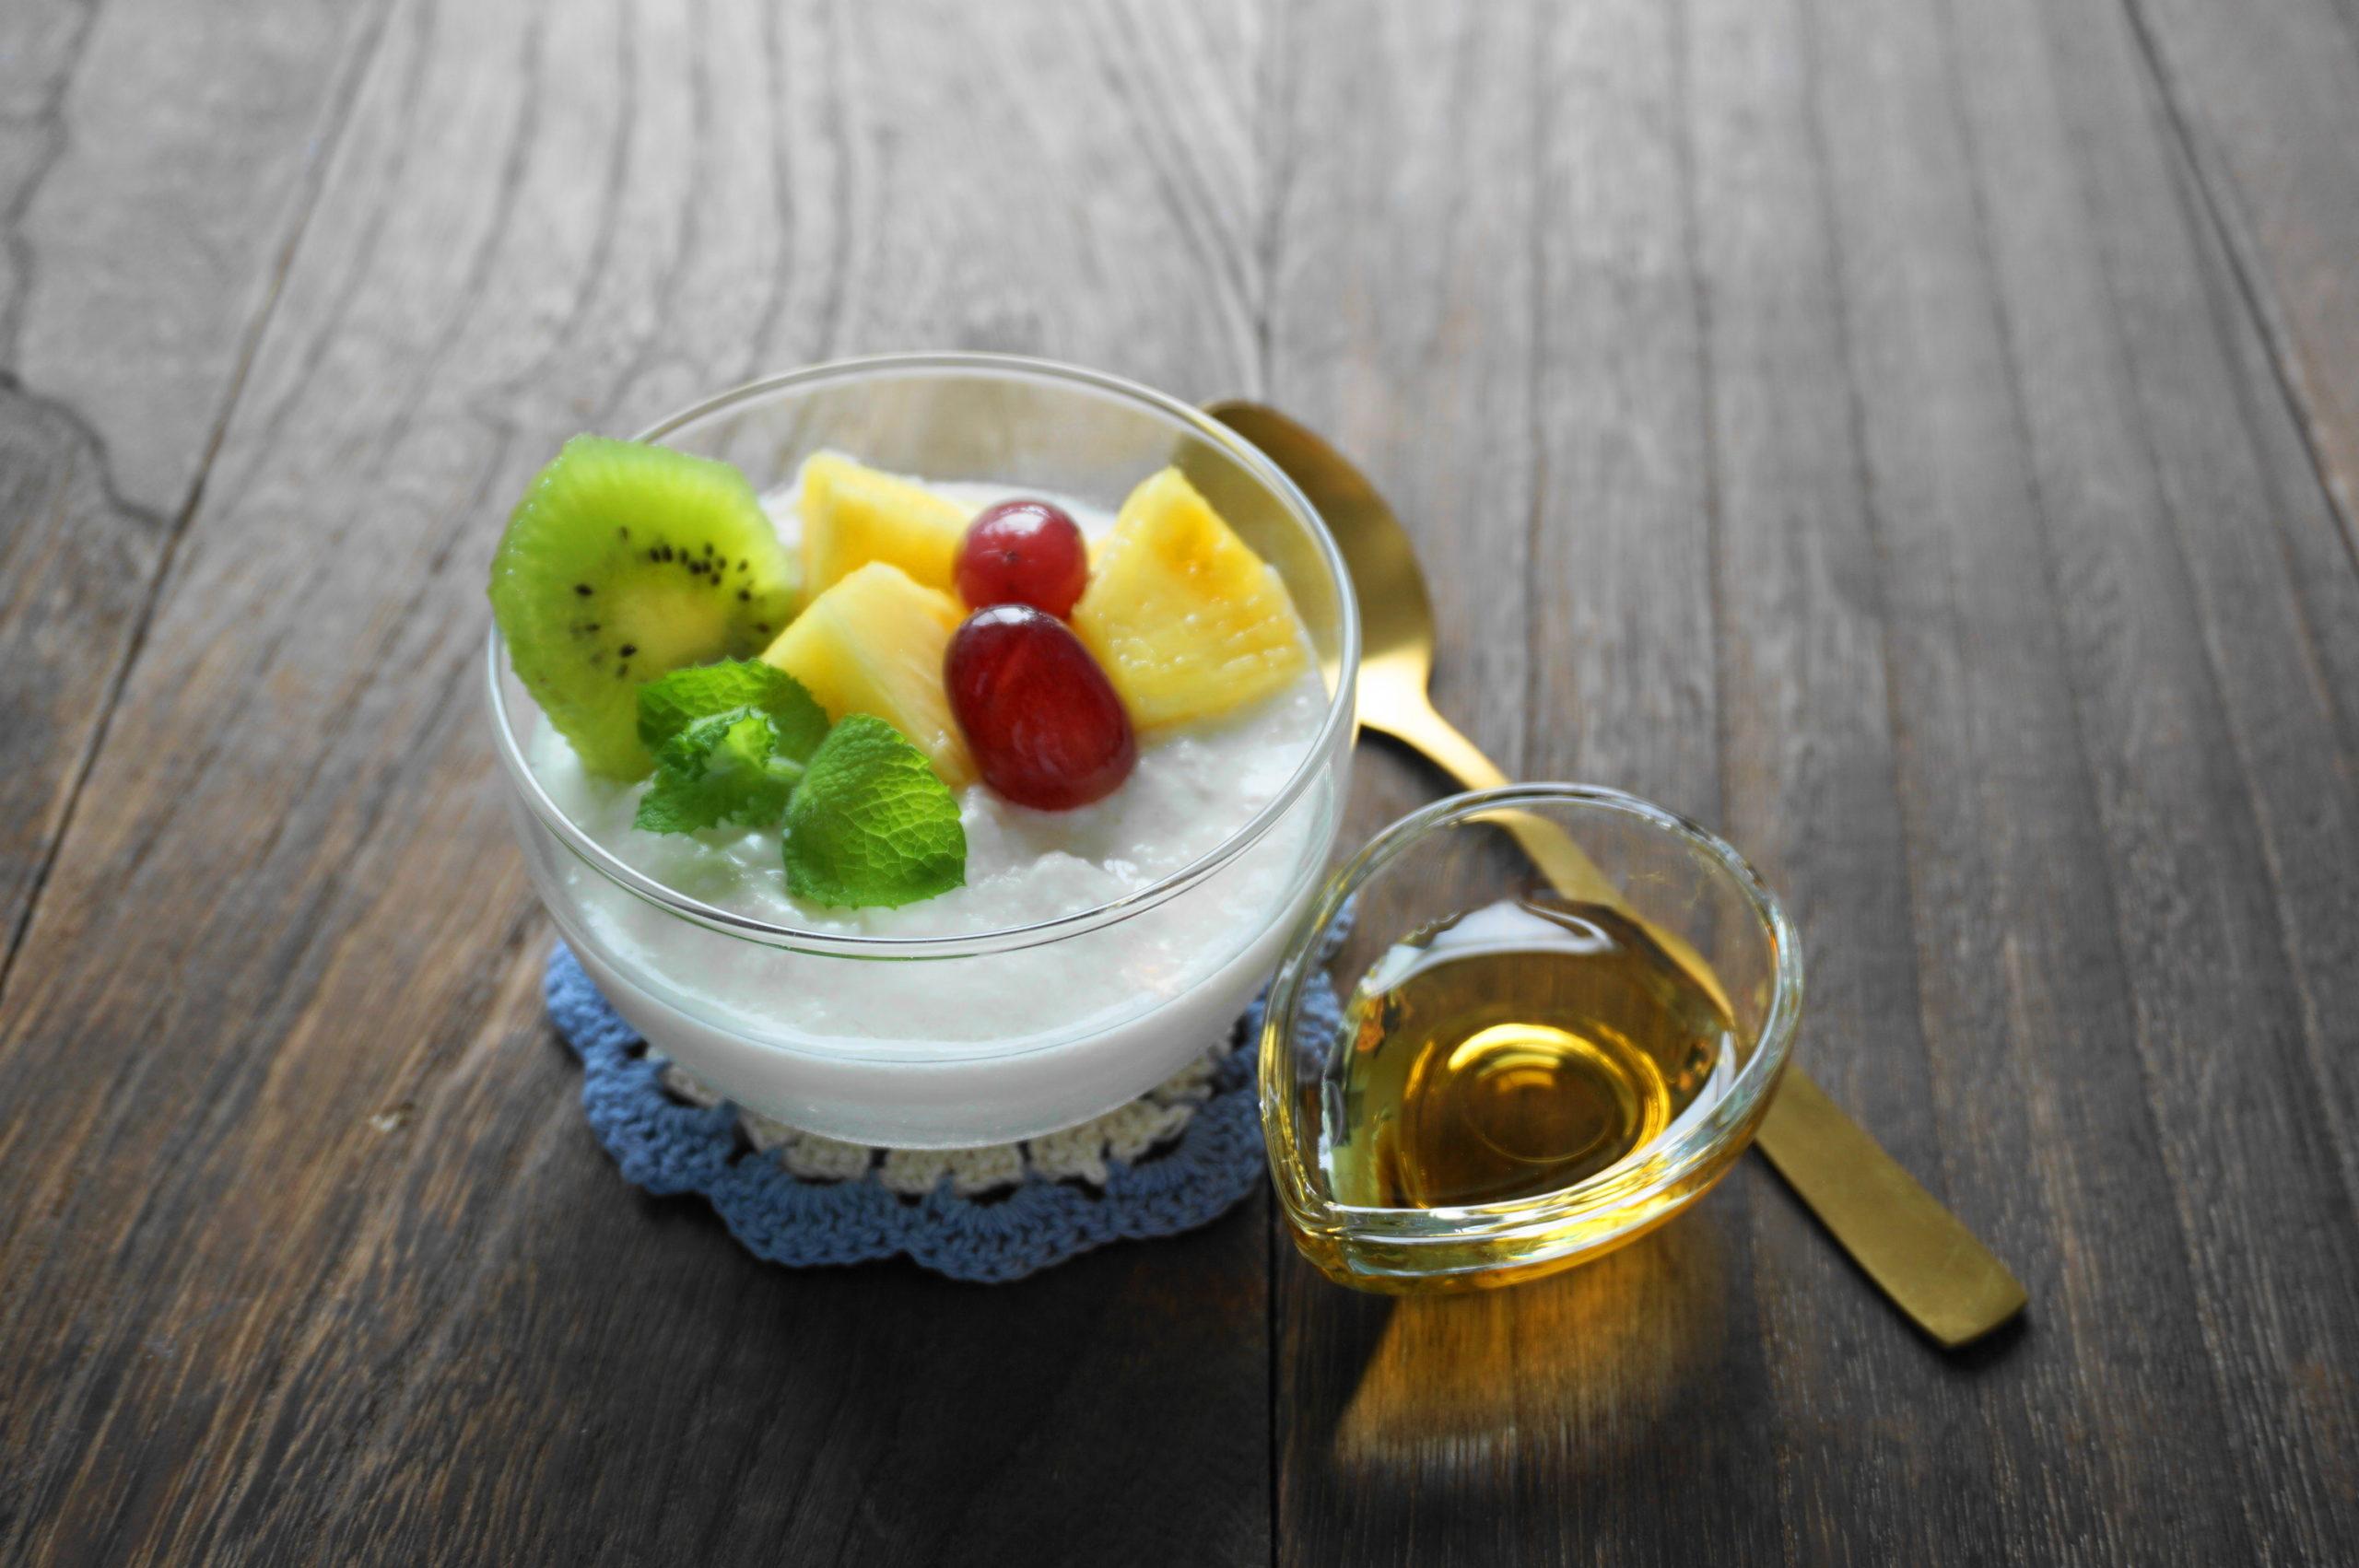 【濃いアーモンドミルクレシピ】手作りアーモンドミルクヨーグルト